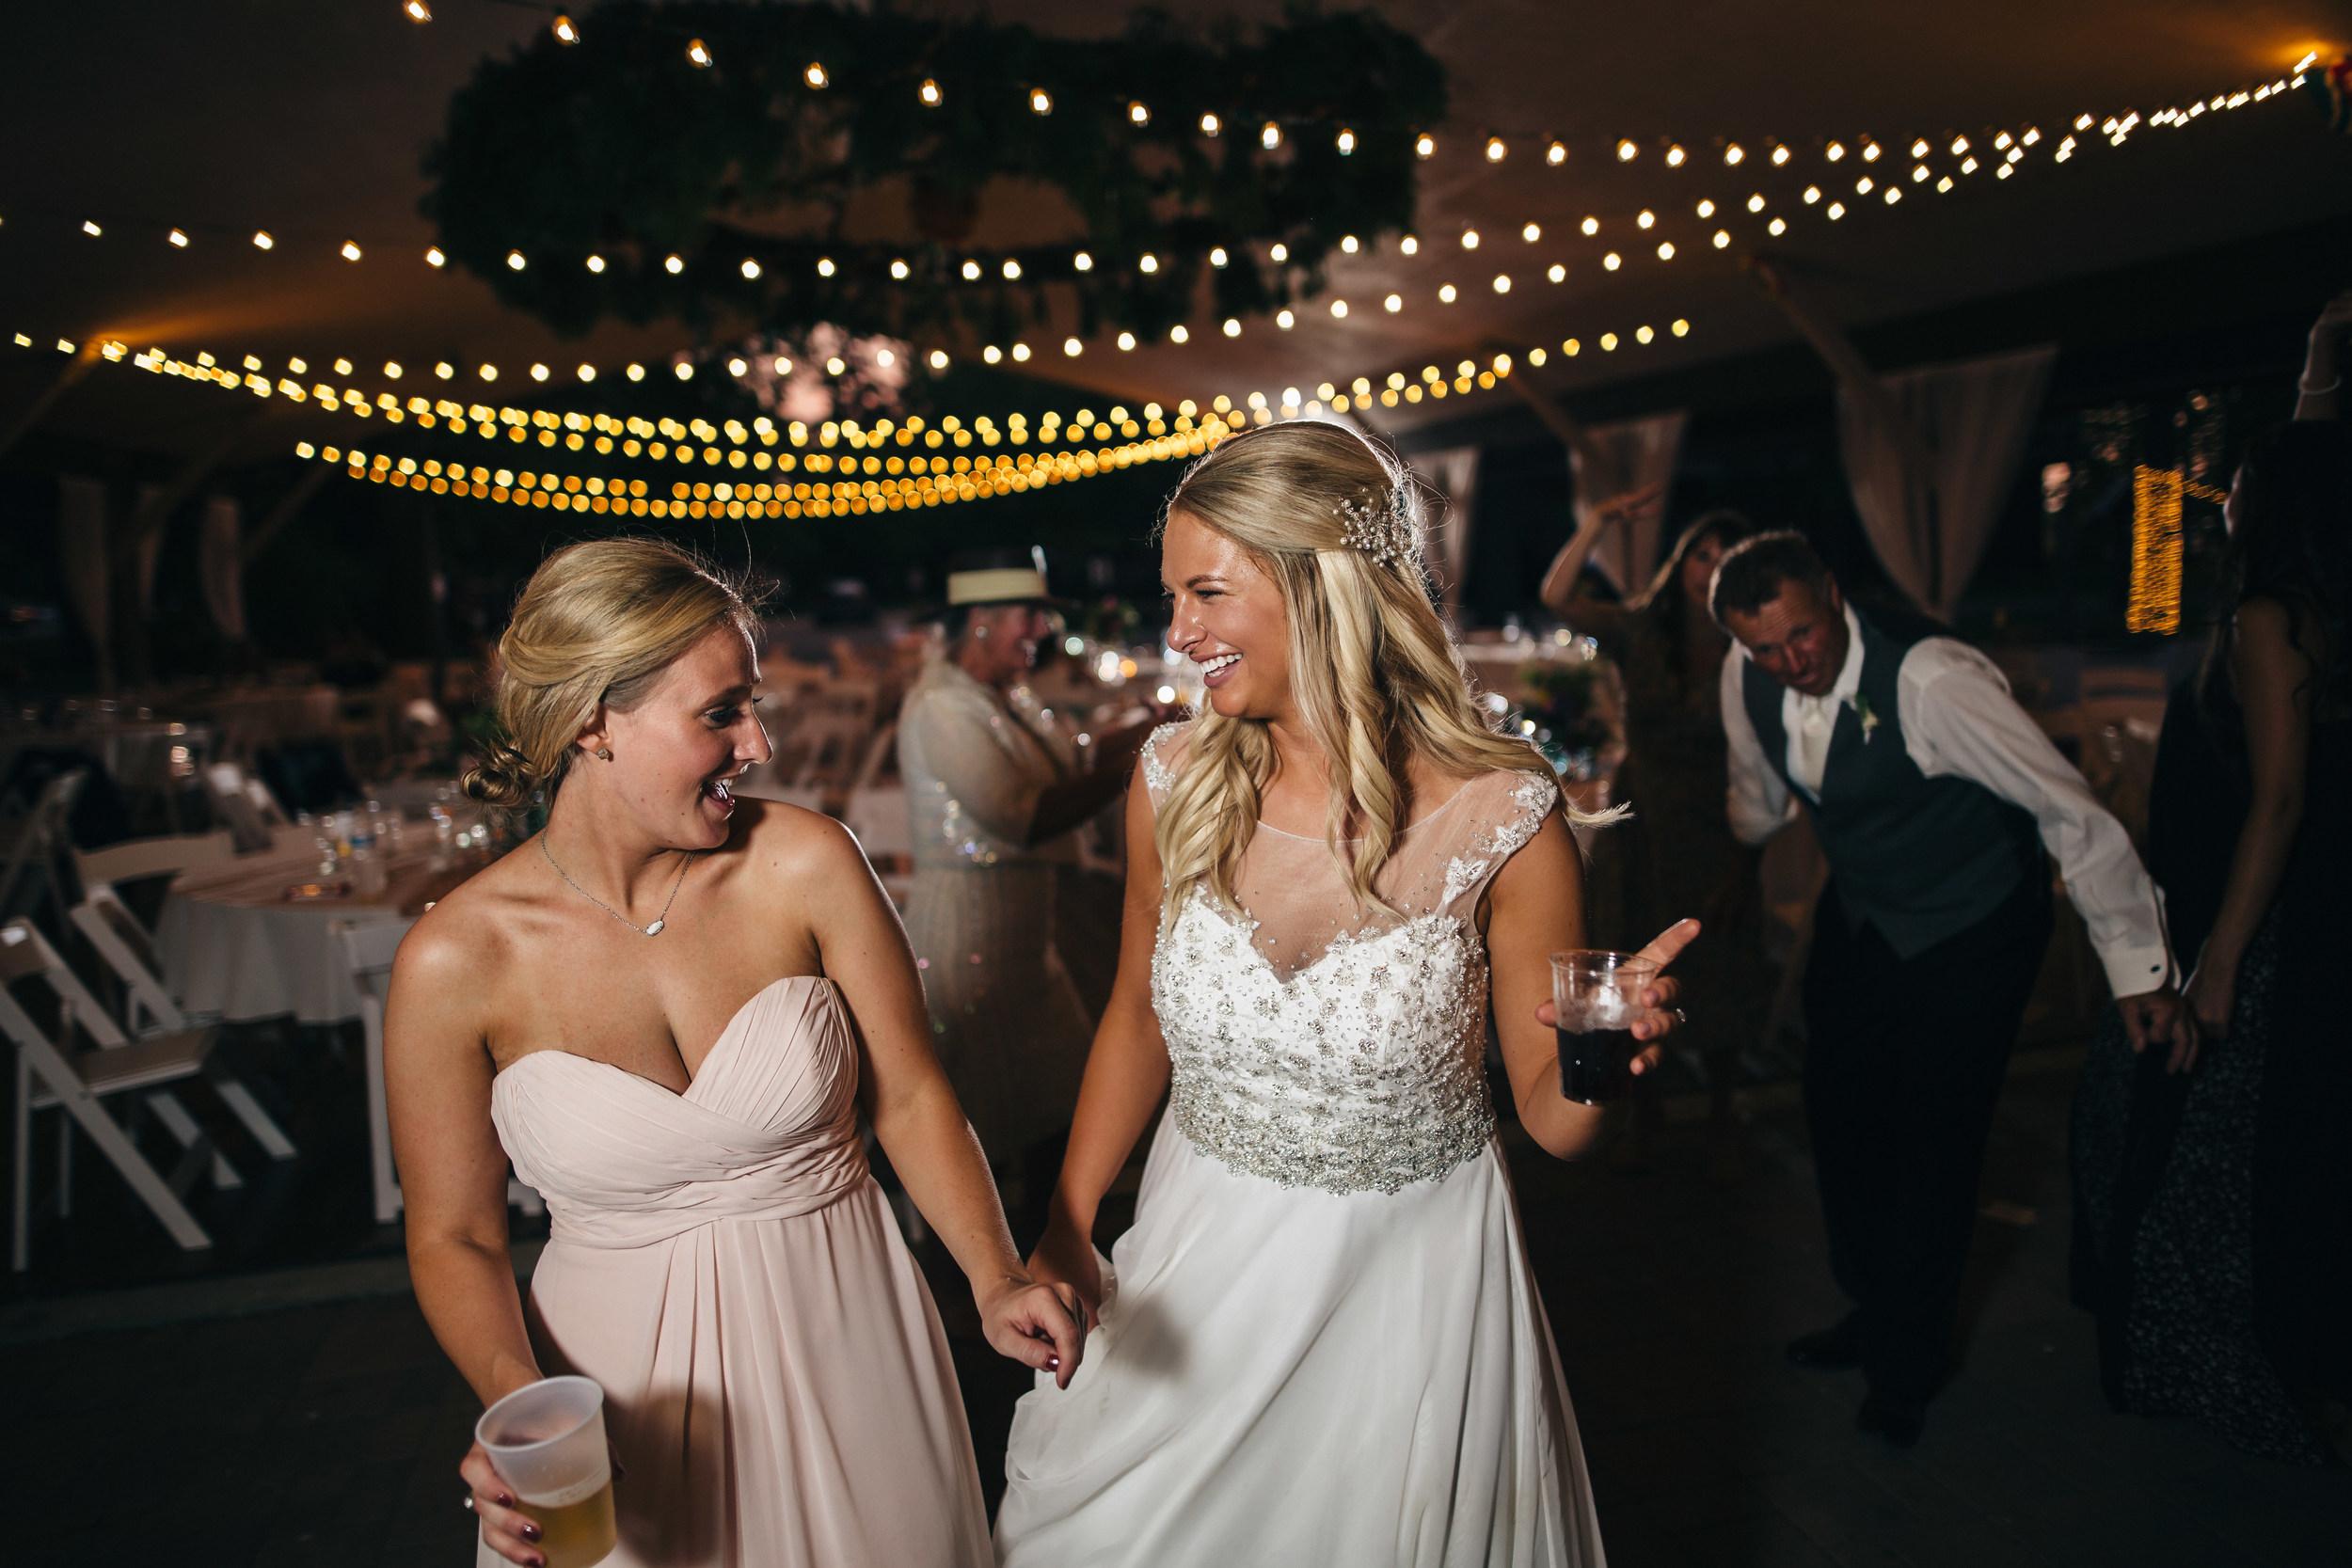 Bride dancing with bridesmaid at wedding reception in Toledo, Ohio.